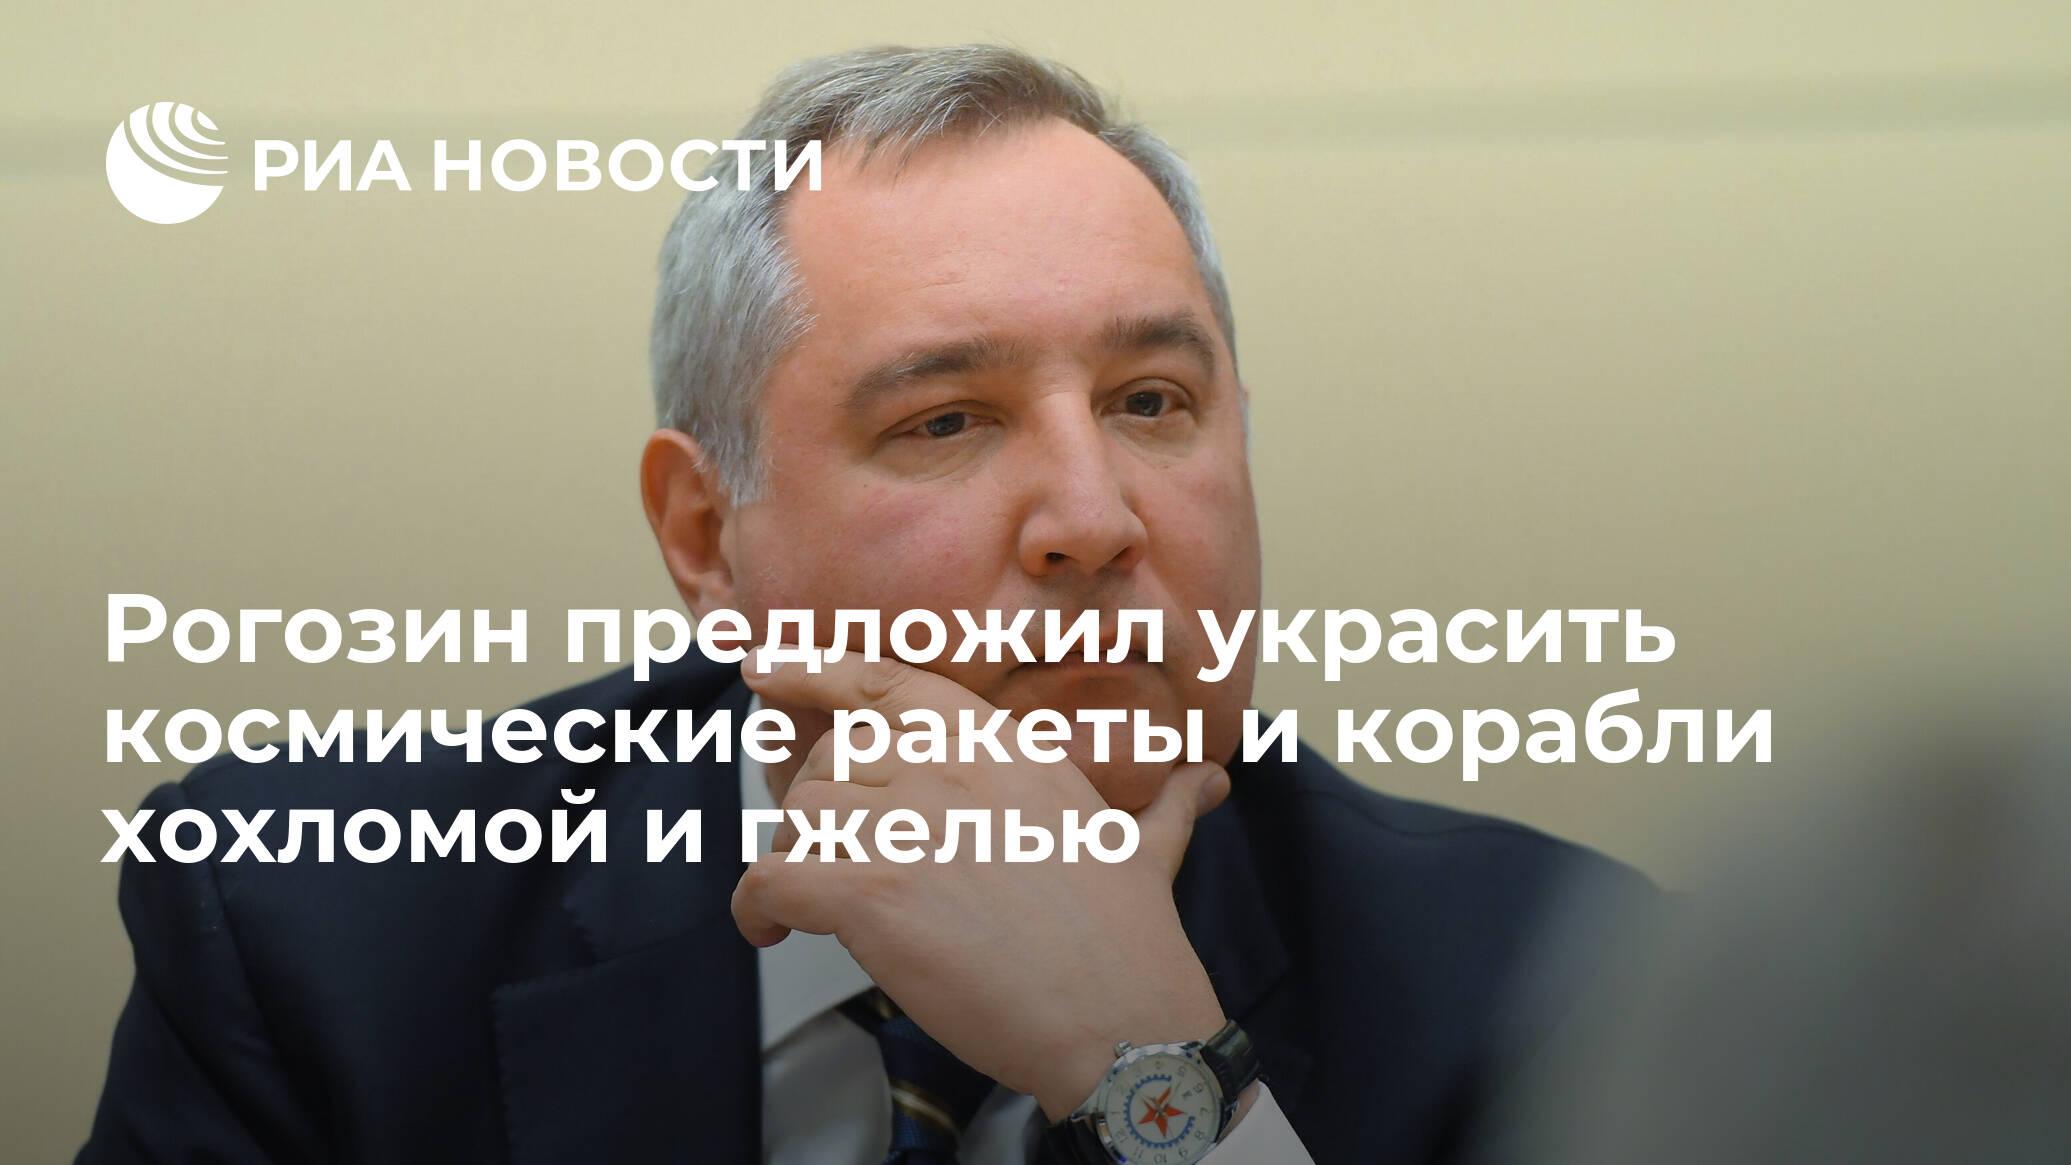 Рогозин предложил украсить космические ракеты и корабли хохломой и гжелью